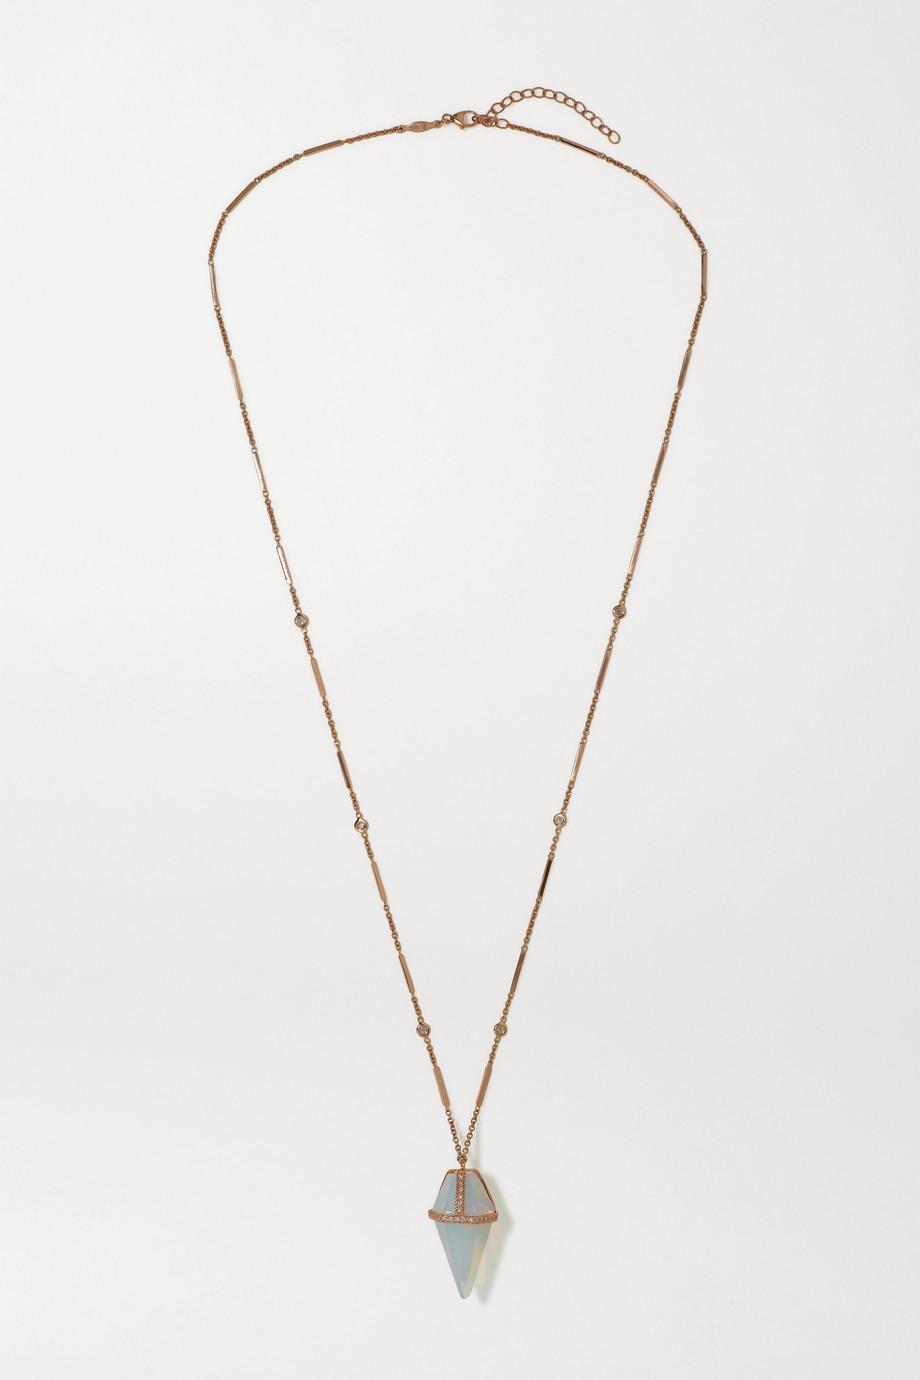 Jacquie Aiche Pendulum Kette aus 14 Karat Roségold mit Opal und Diamanten